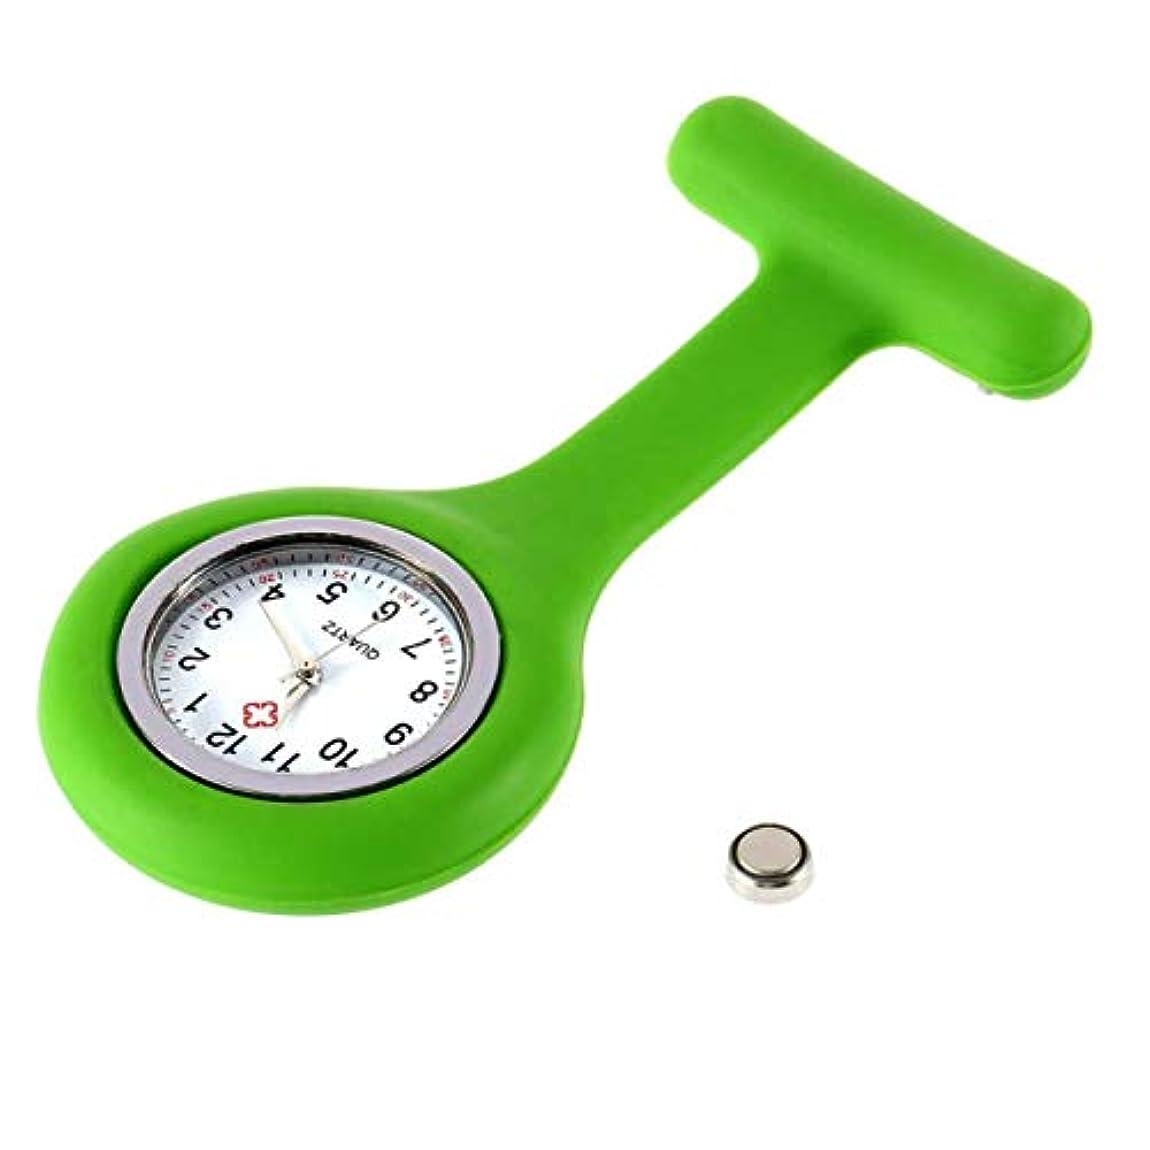 名目上のタバコなめるDeeploveUU 携帯用シリコーンのゲル医者看護師のブローチPinのポケットFobのコンパクトの魅力的な医学のチュニックの腕時計